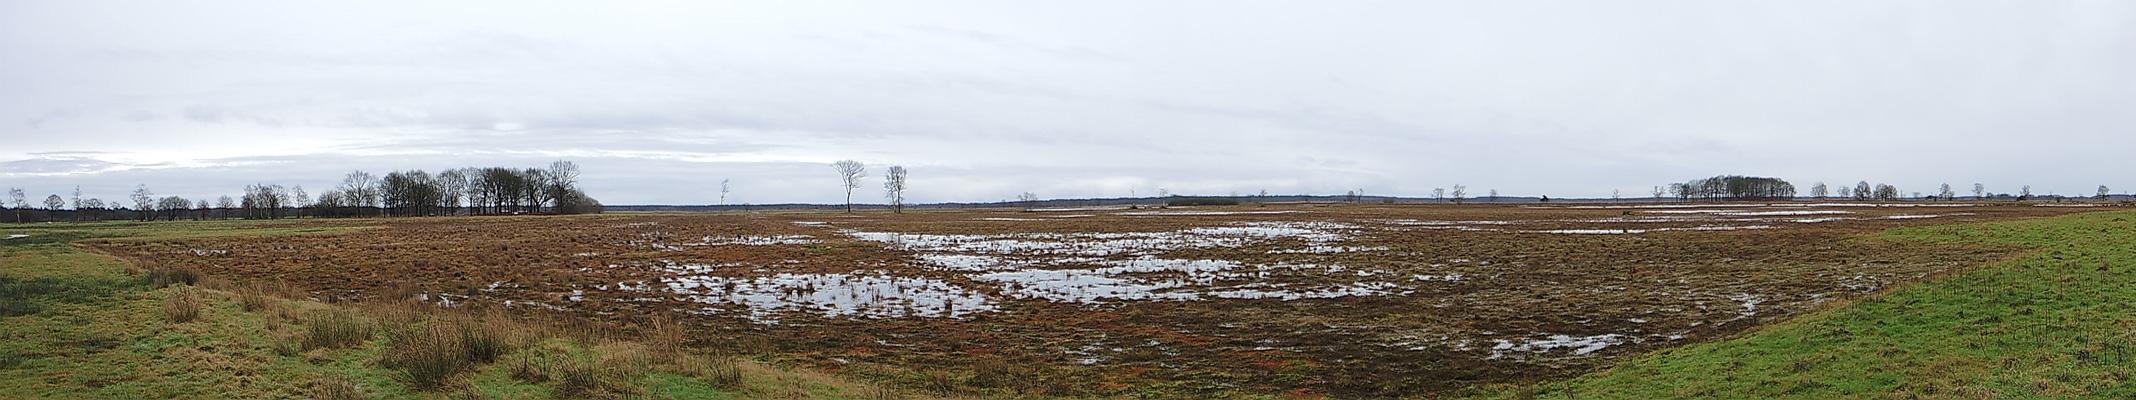 familiepad-noordenveld-panorama-2-voetzoekers